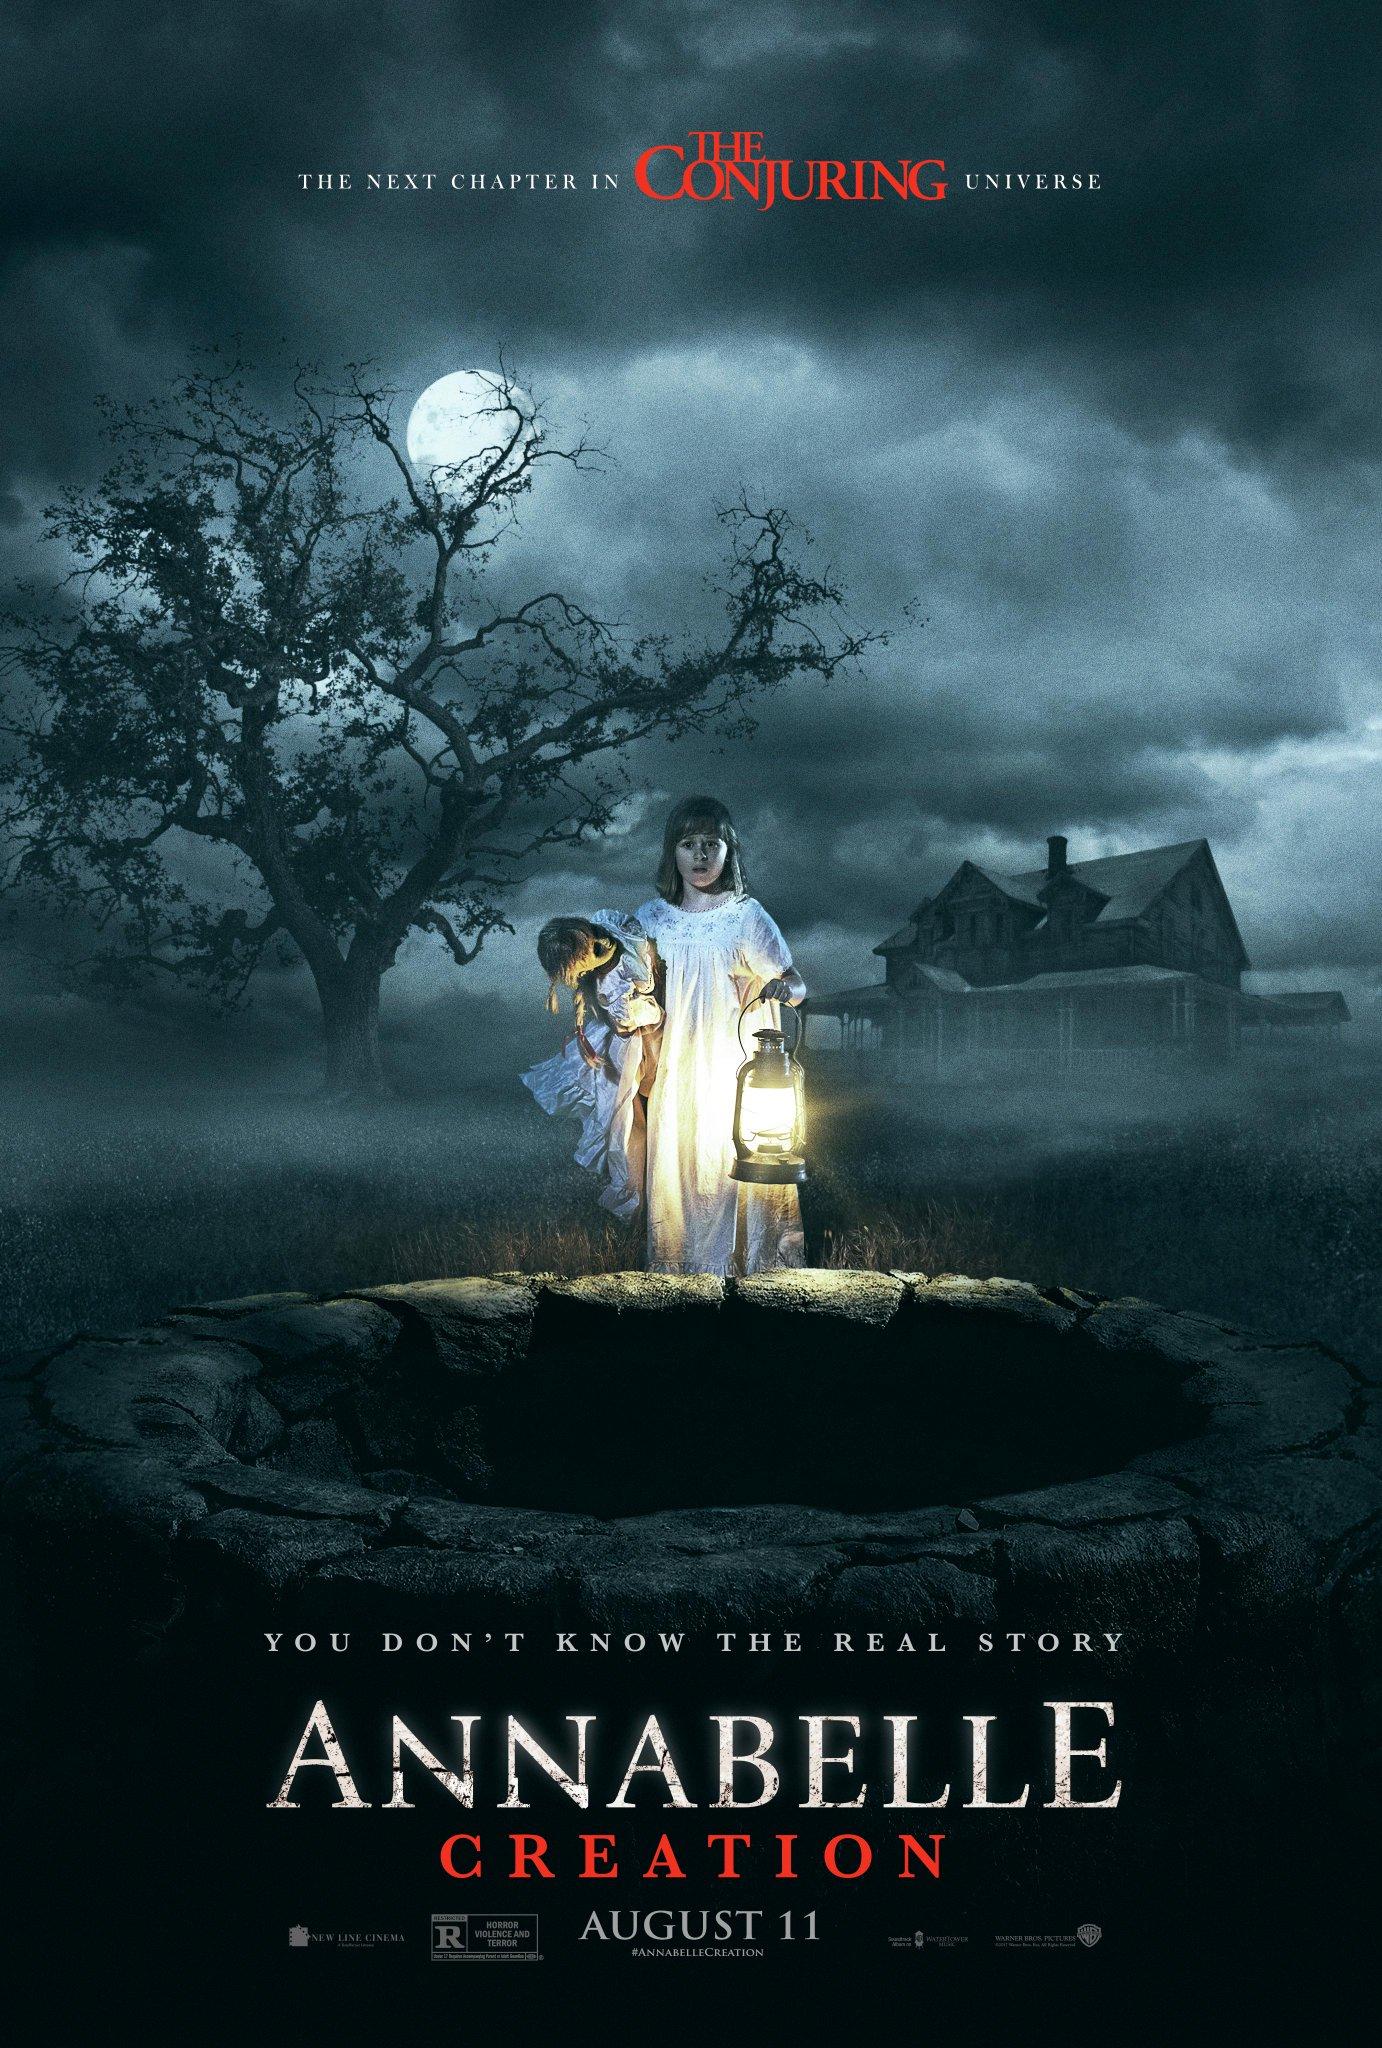 Annabelle 2 Trailer & Plakat